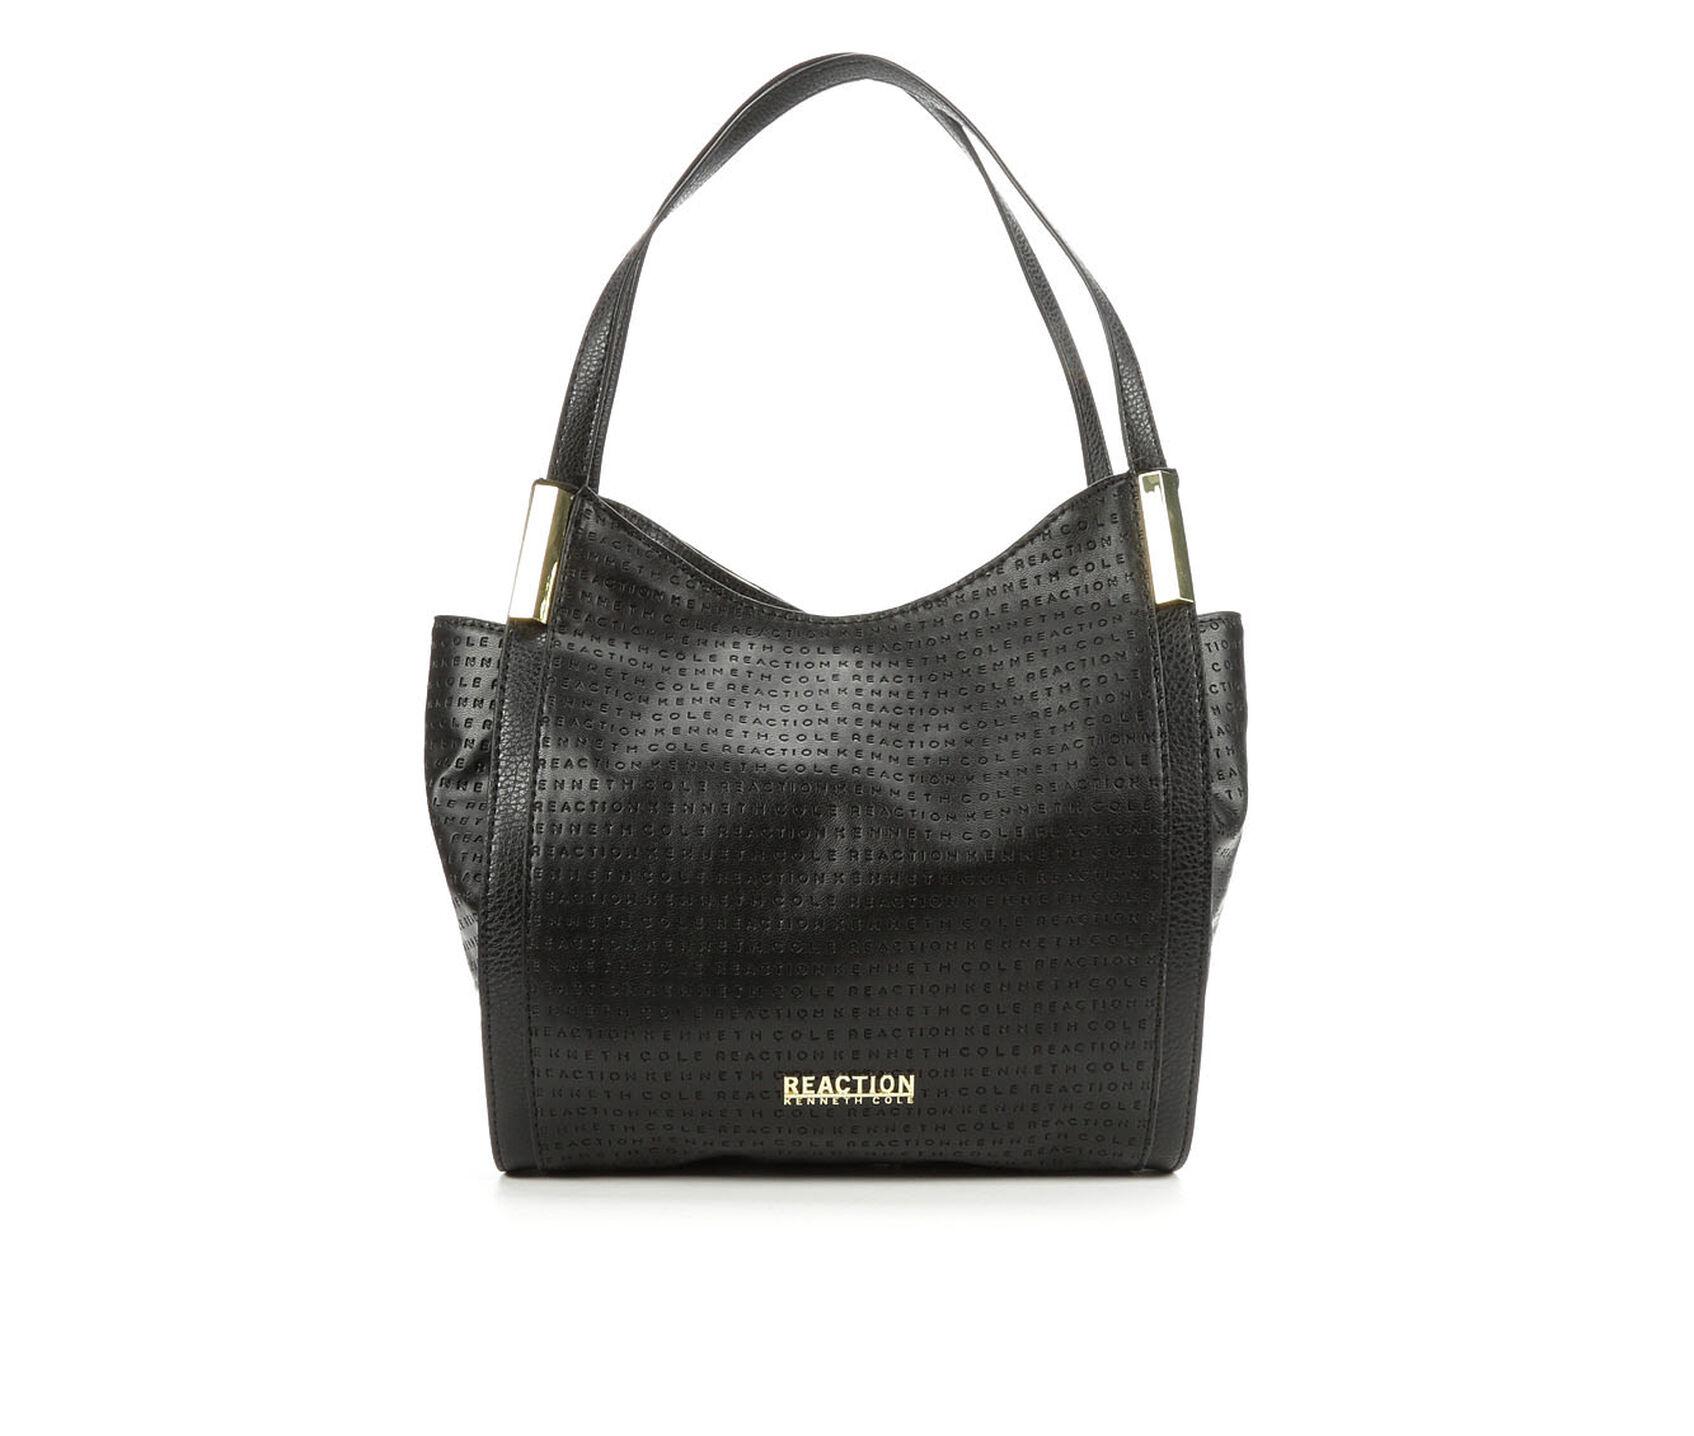 381e91bcb7cea4 Kenneth Cole Reaction Hobo Handbag | Shoe Carnival